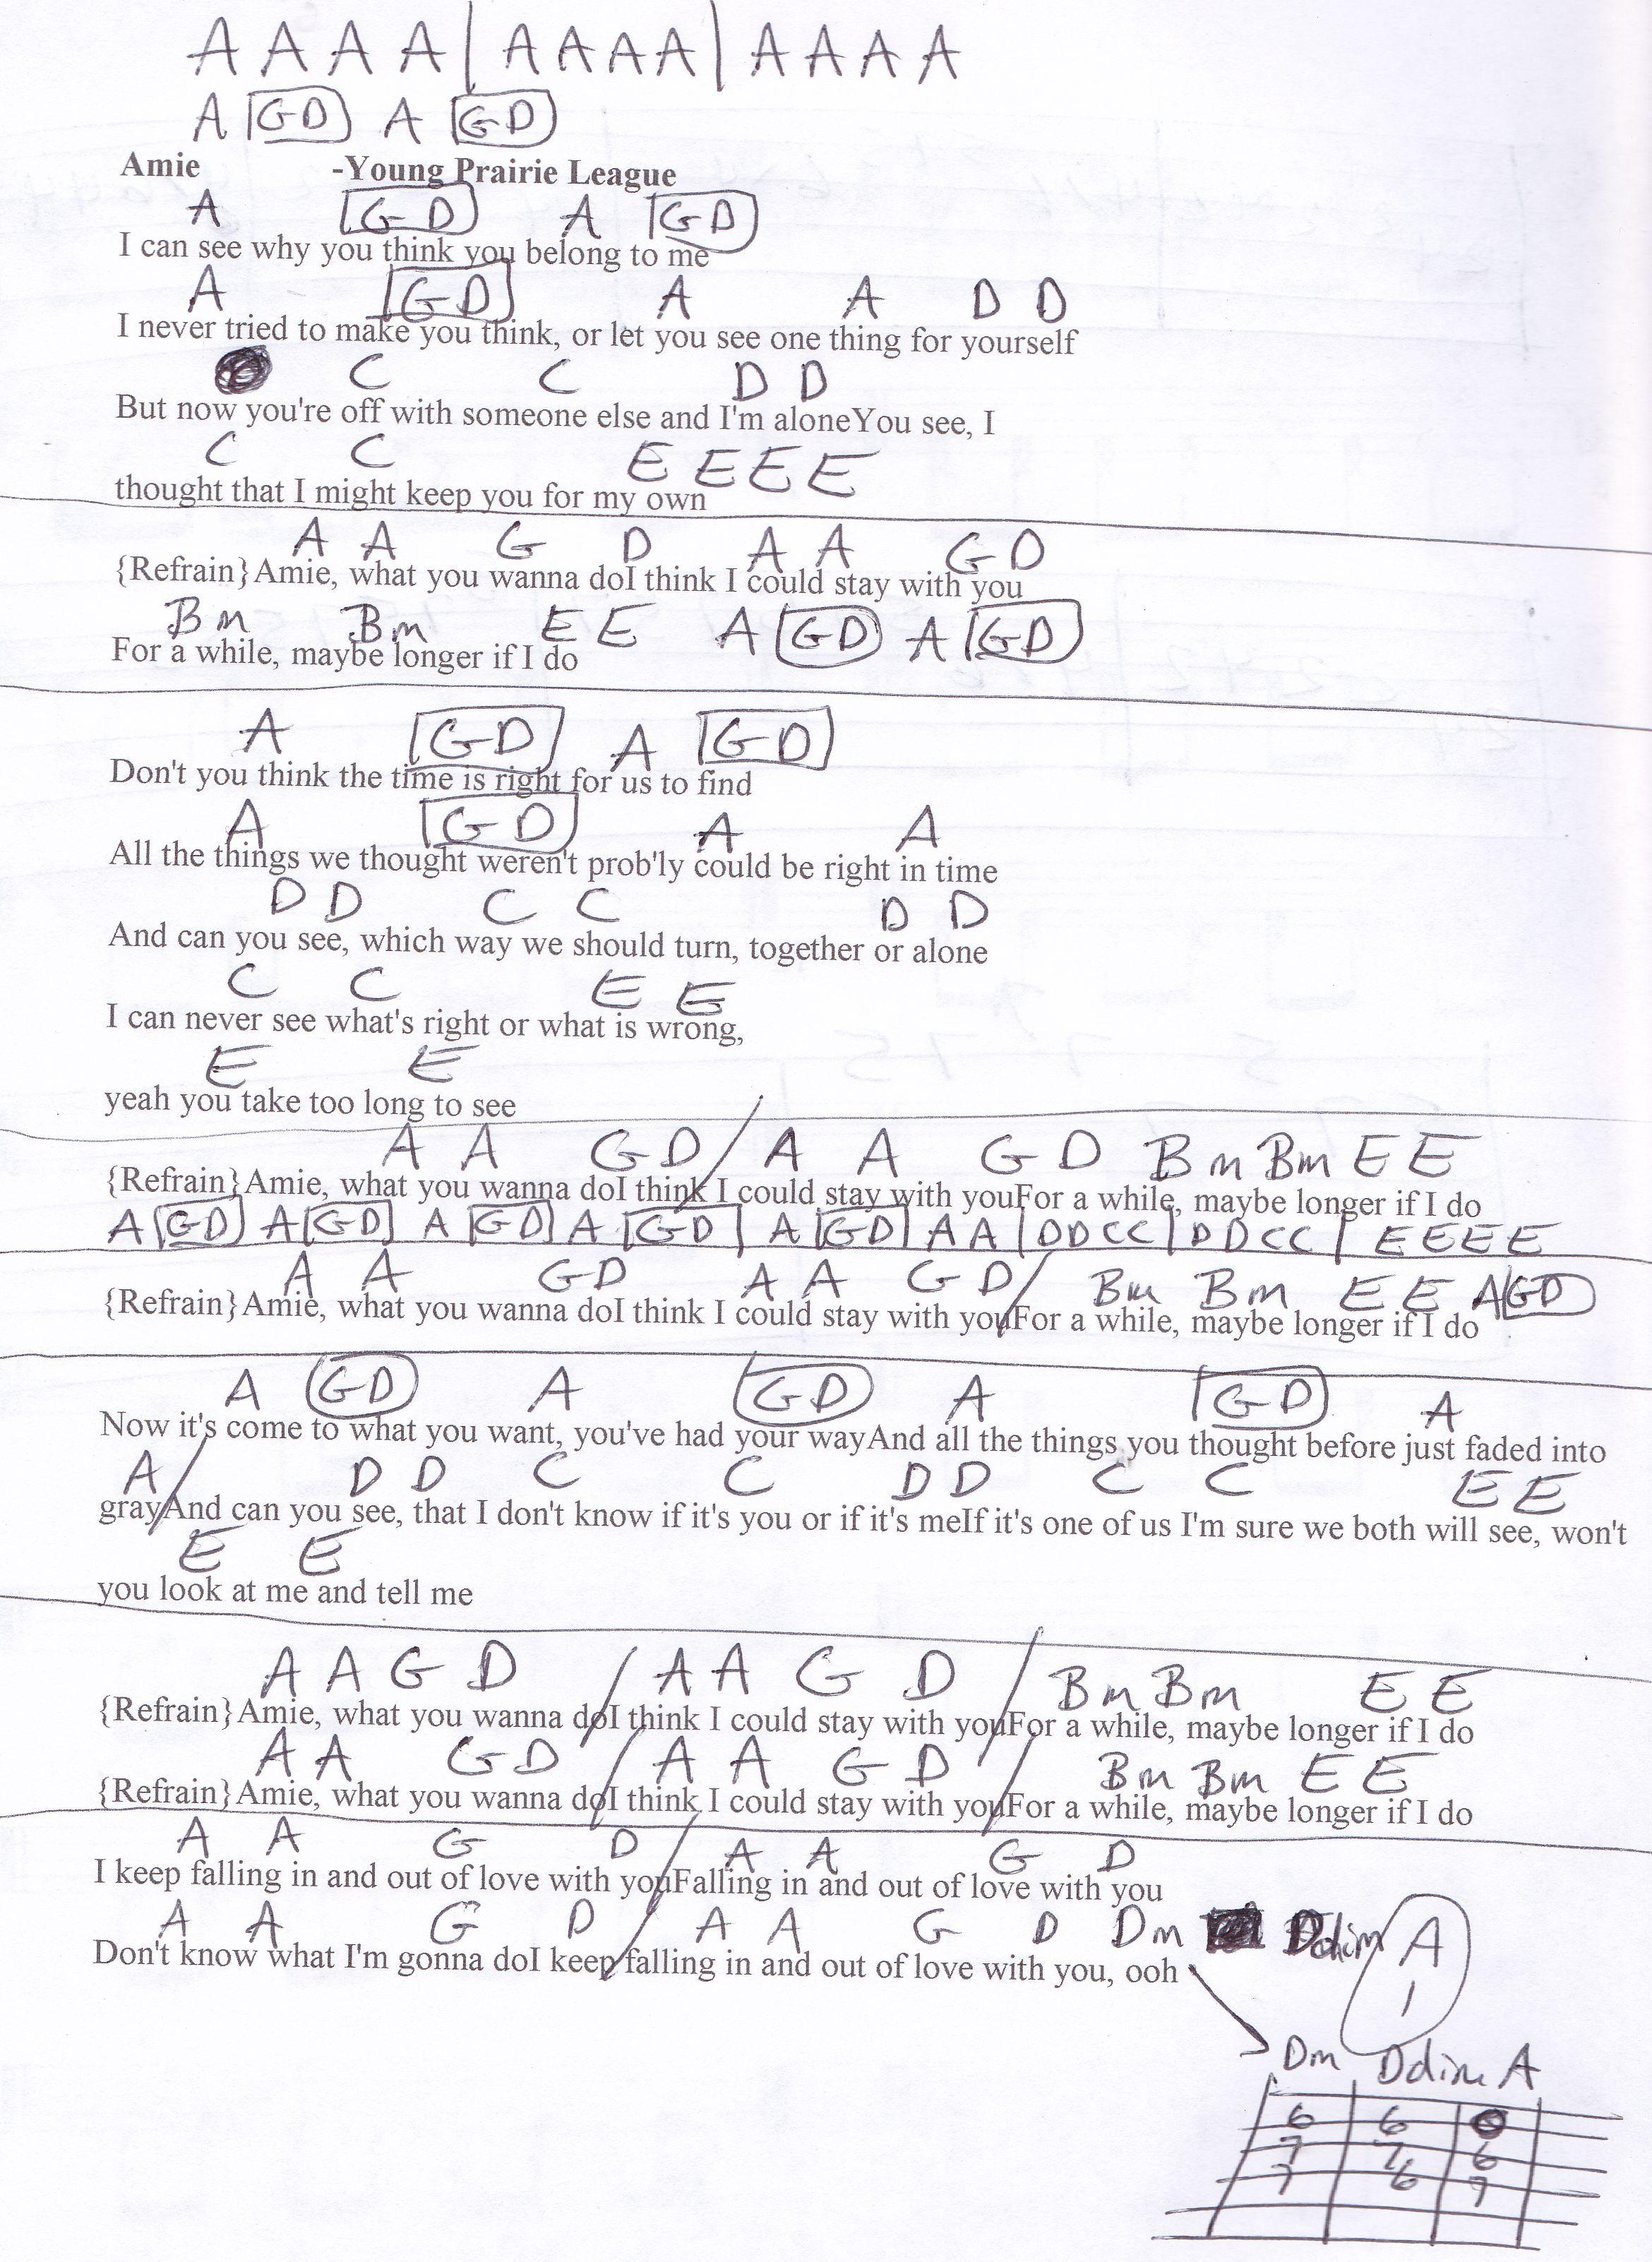 Amie pure prairie league guitar chord chart how to play guitar amie pure prairie league guitar chord chart hexwebz Images